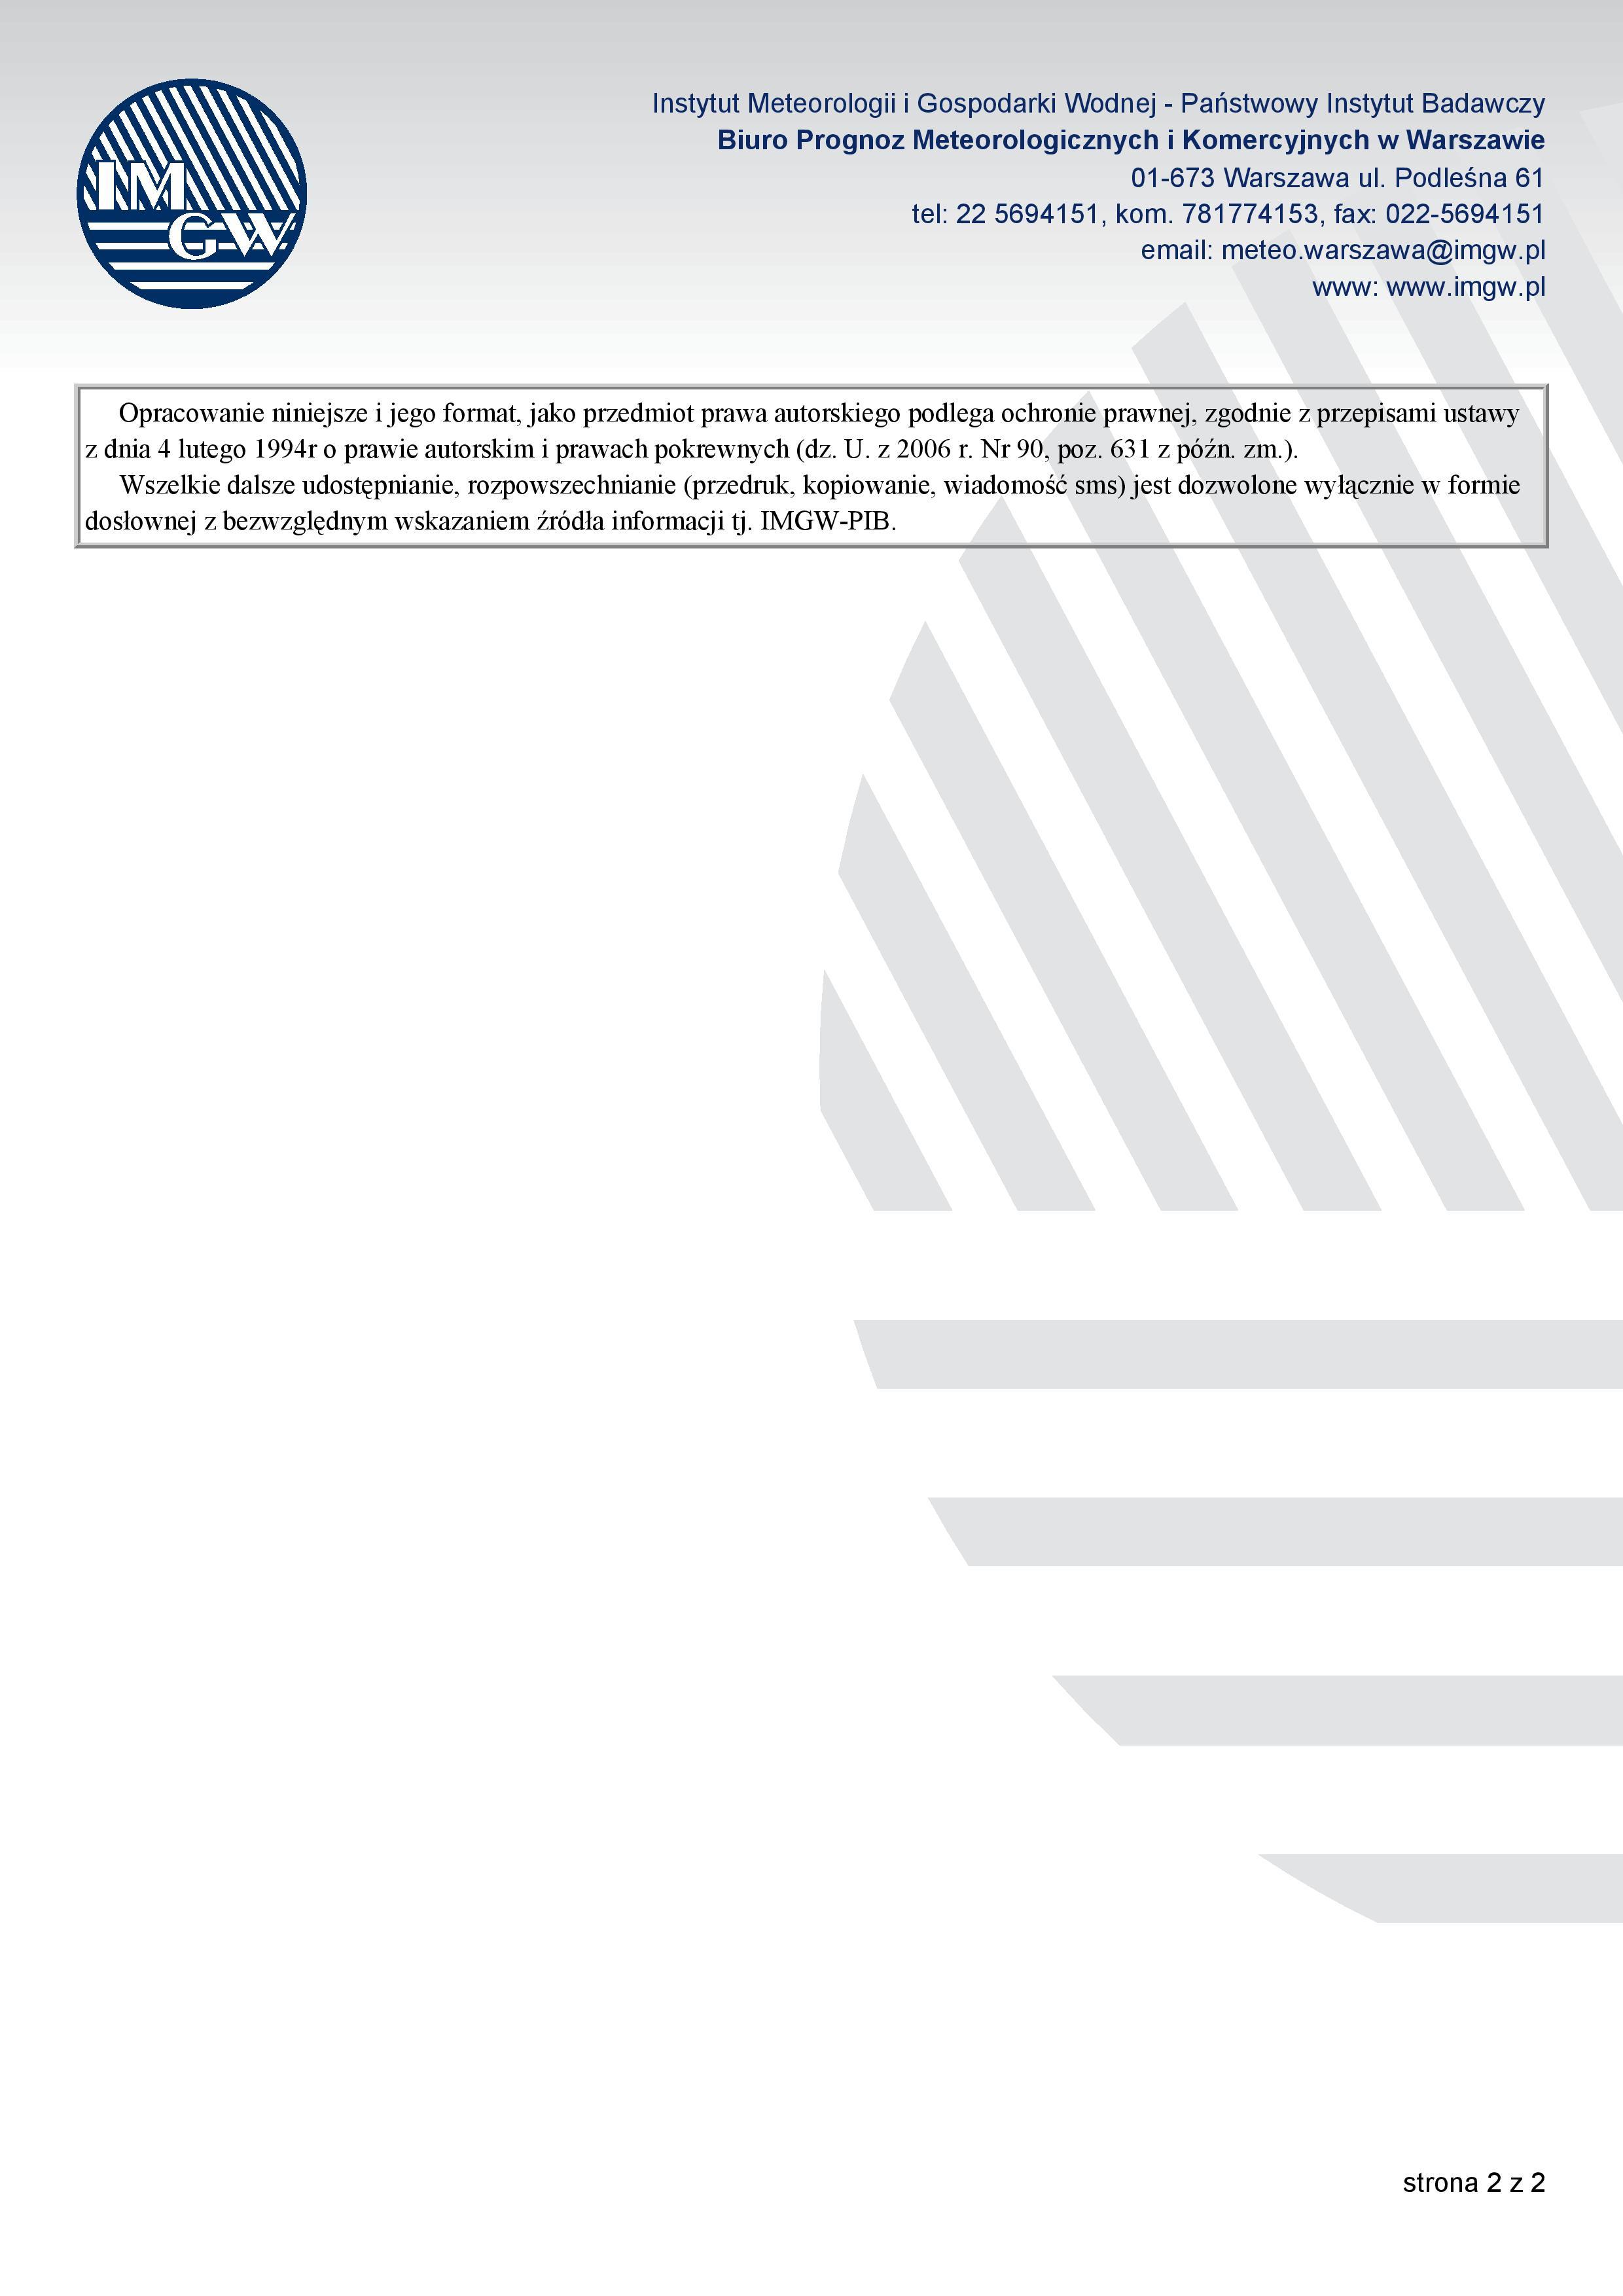 PROGNOZA NIEBEZPIECZNYCH ZJAWISK METEOROLOGICZNYCH z dn. 9.08.2017 r., plik: Rozszerzenie: pdf, Rozmiar: [74.38 KB]